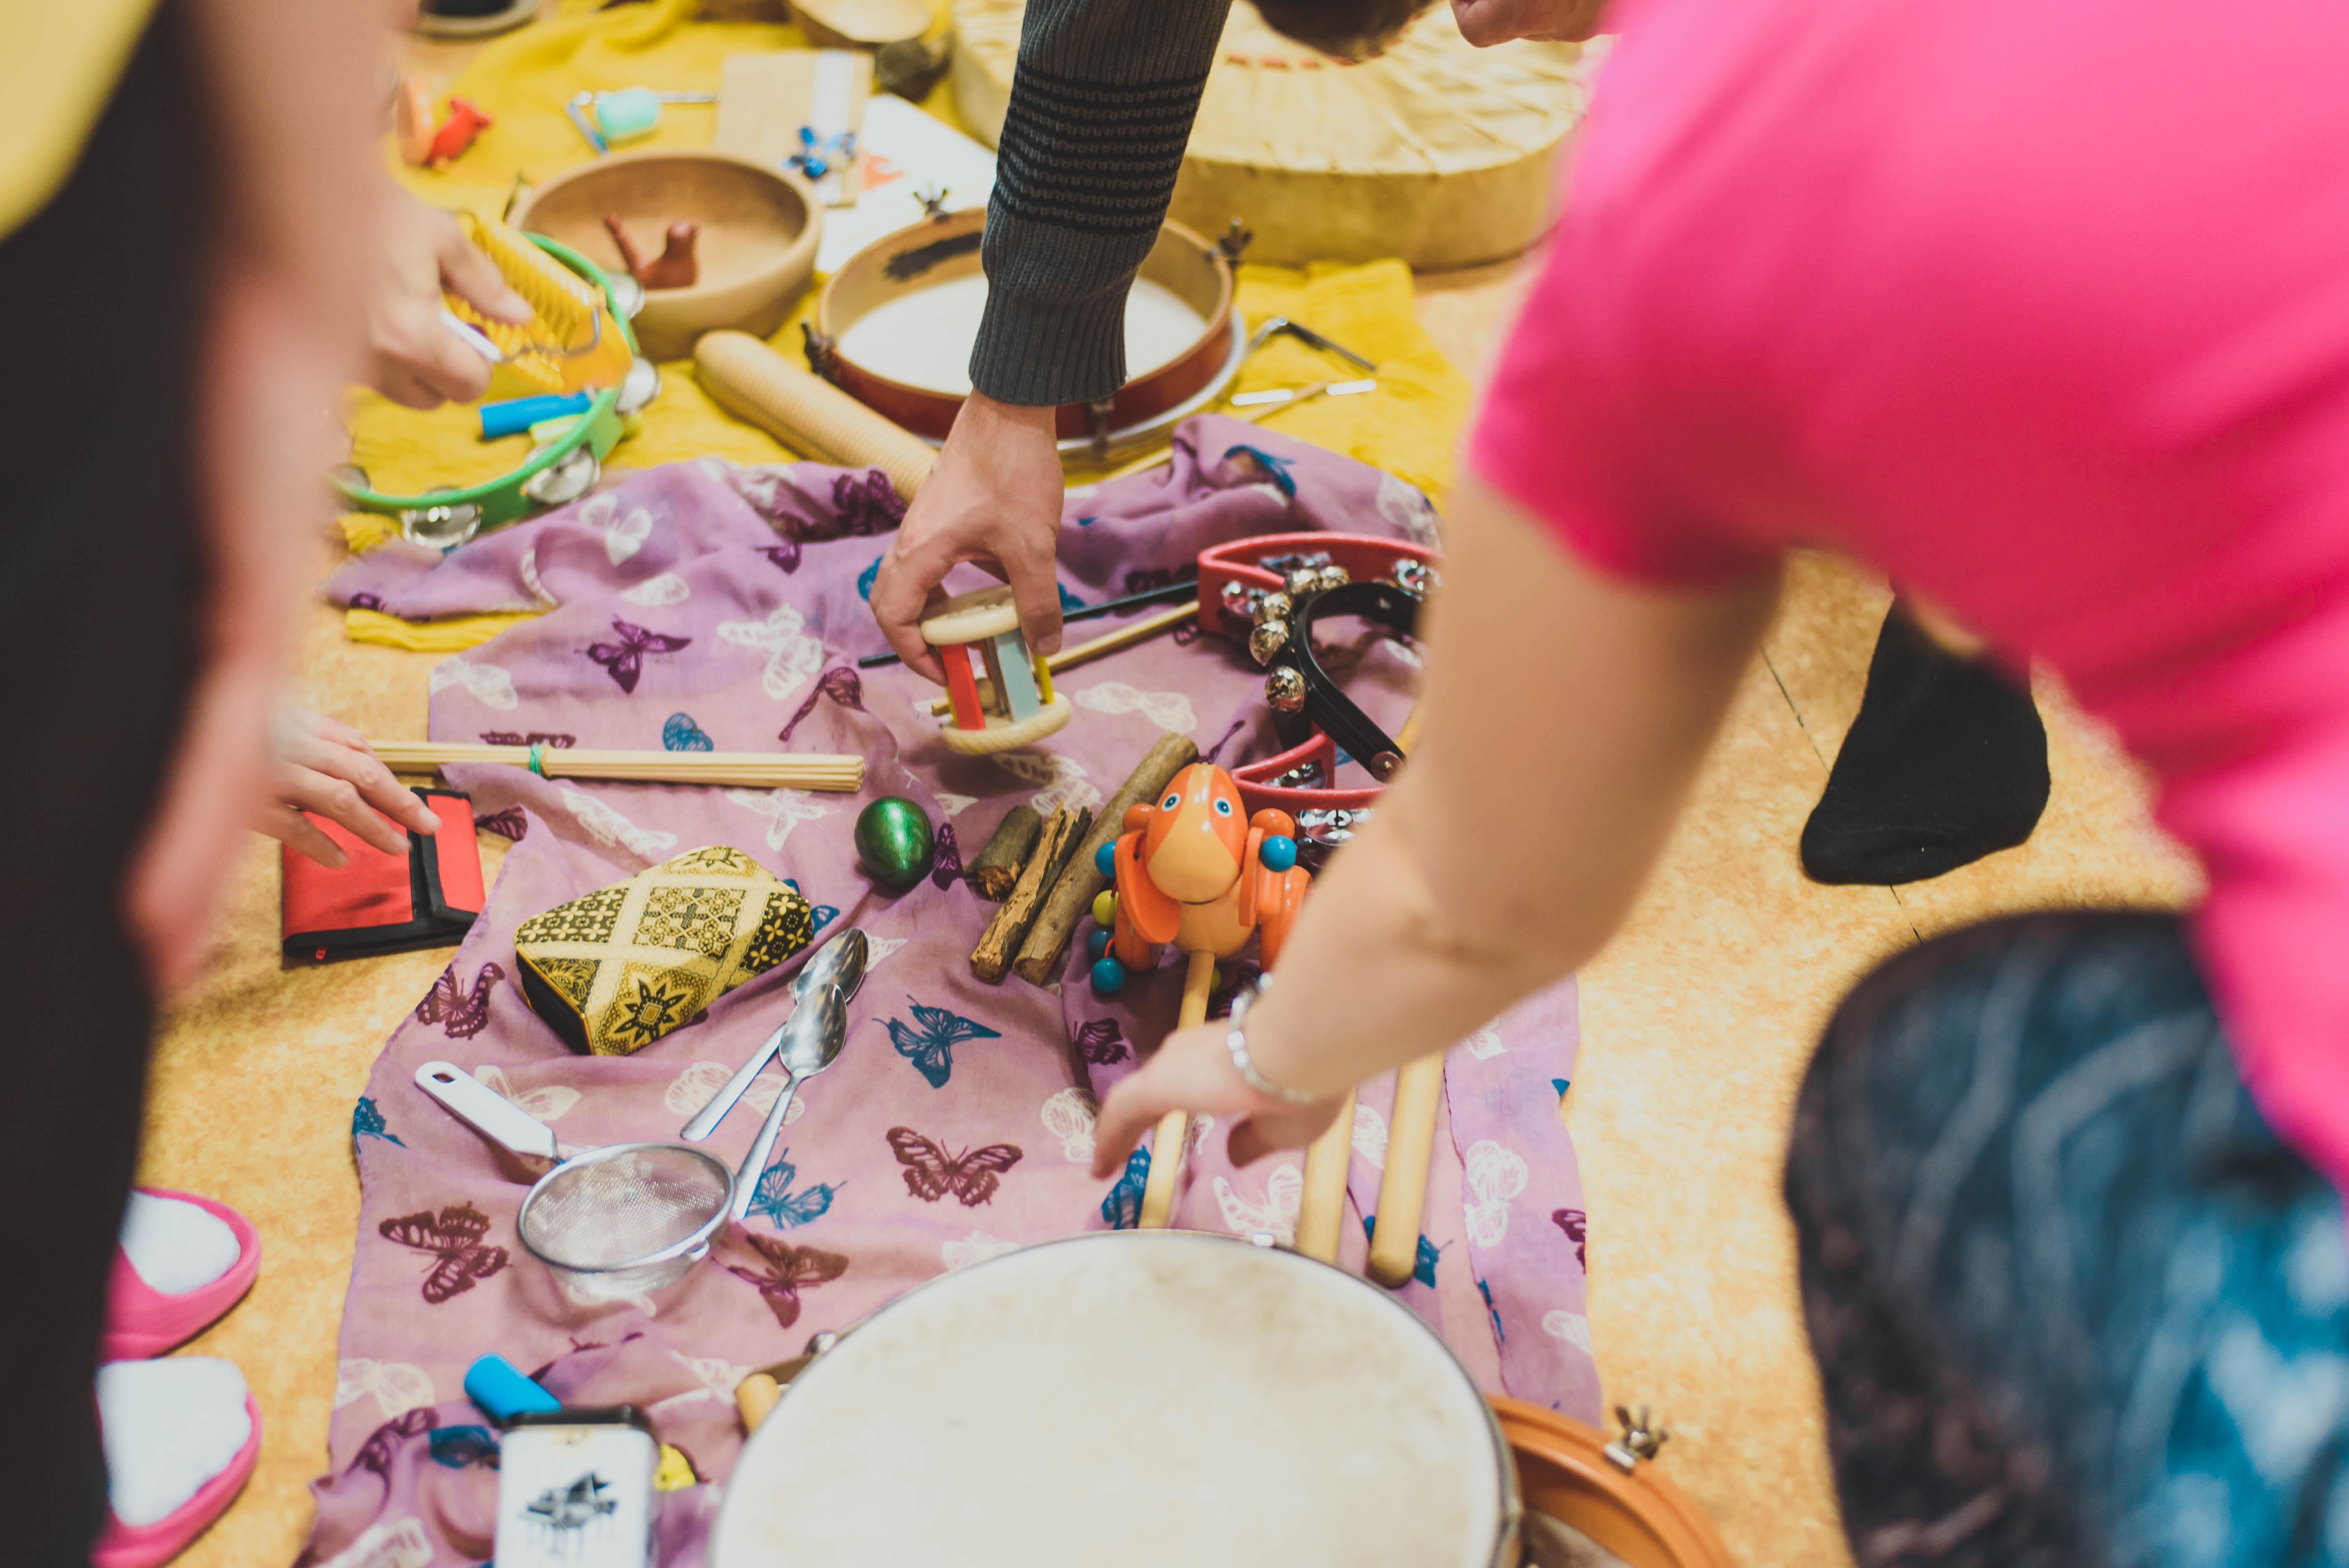 Jaké vybírat hudební nástroje do školy: Vsadíte na rytmické, melodické, nebo jejich kombinace?